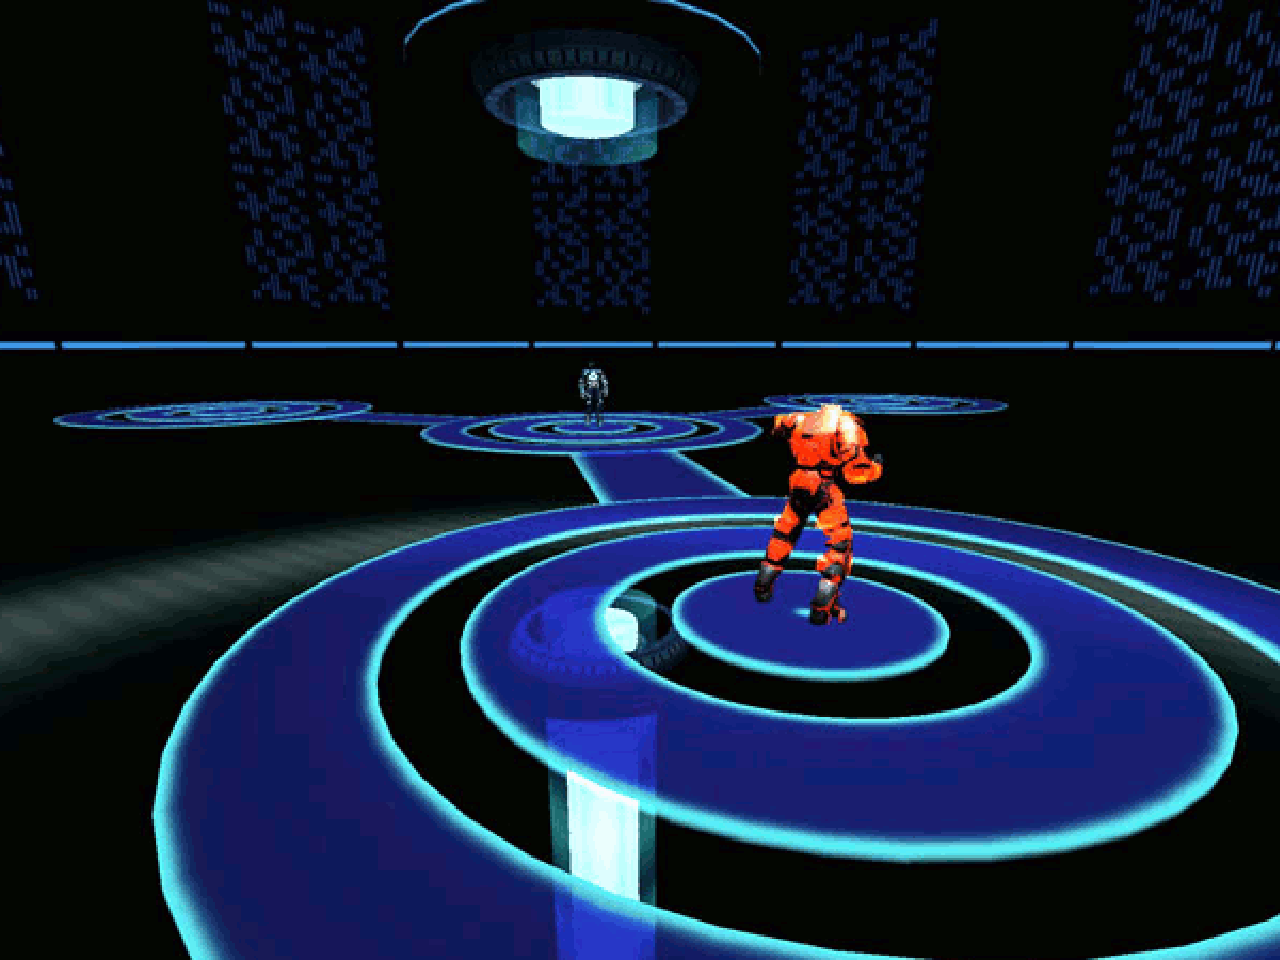 Screenshot von Tron 2.0. (Bild: Andre Eymann)